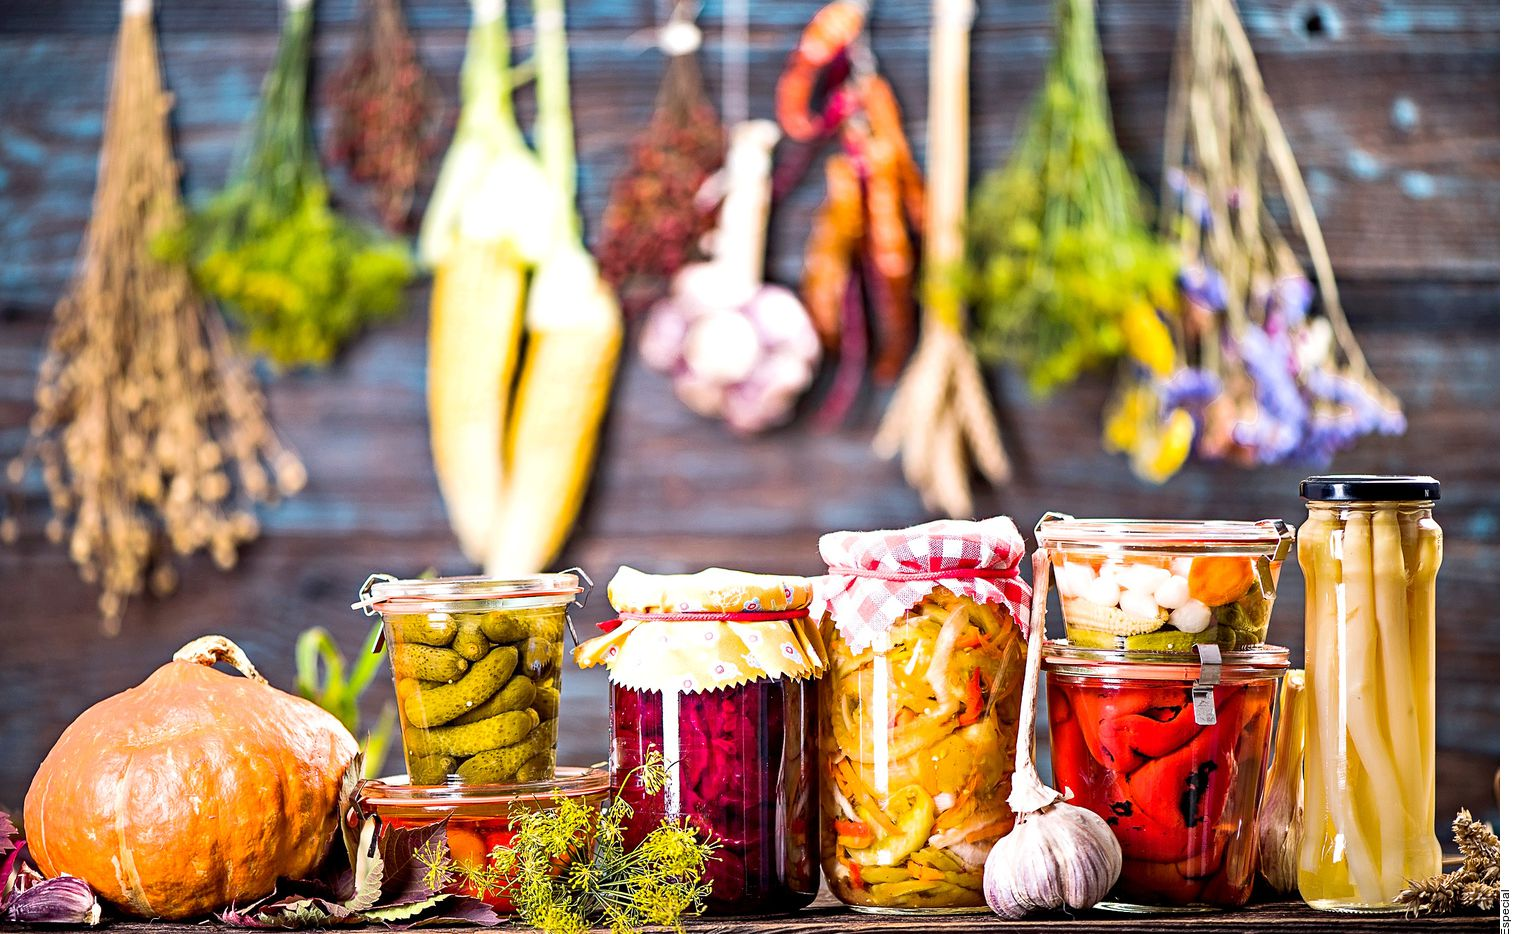 Ante el exceso de frutas, verduras y chiles. Expertos comparten recetas y métodos para evitar el desperdicio.